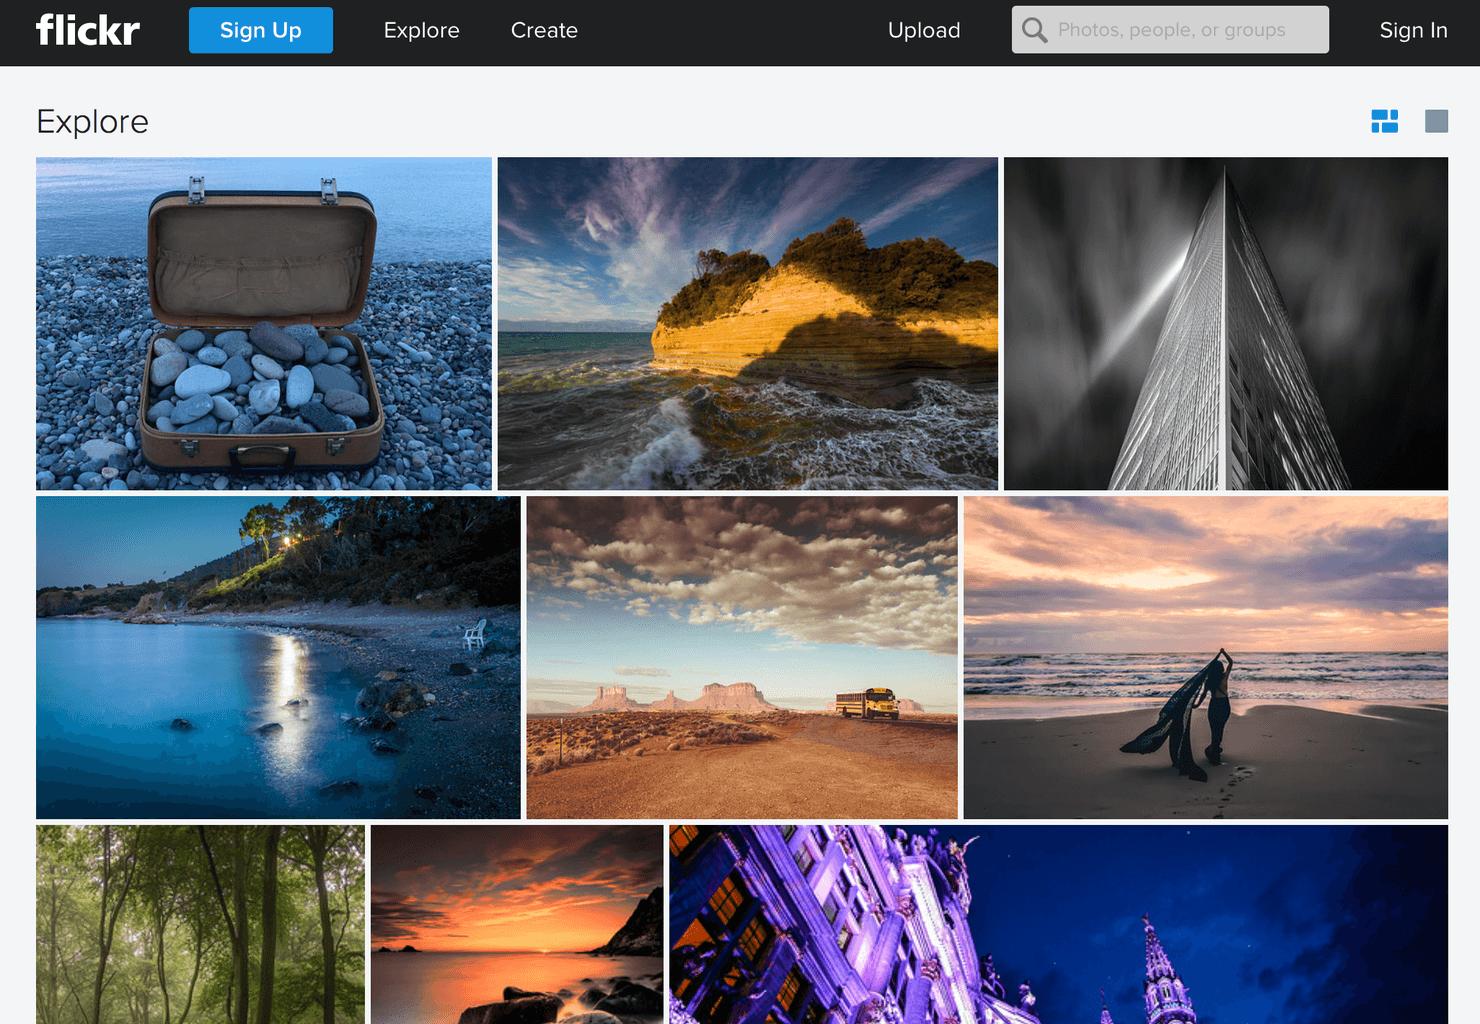 6 mejores servicios en la nube para guardar fotos online